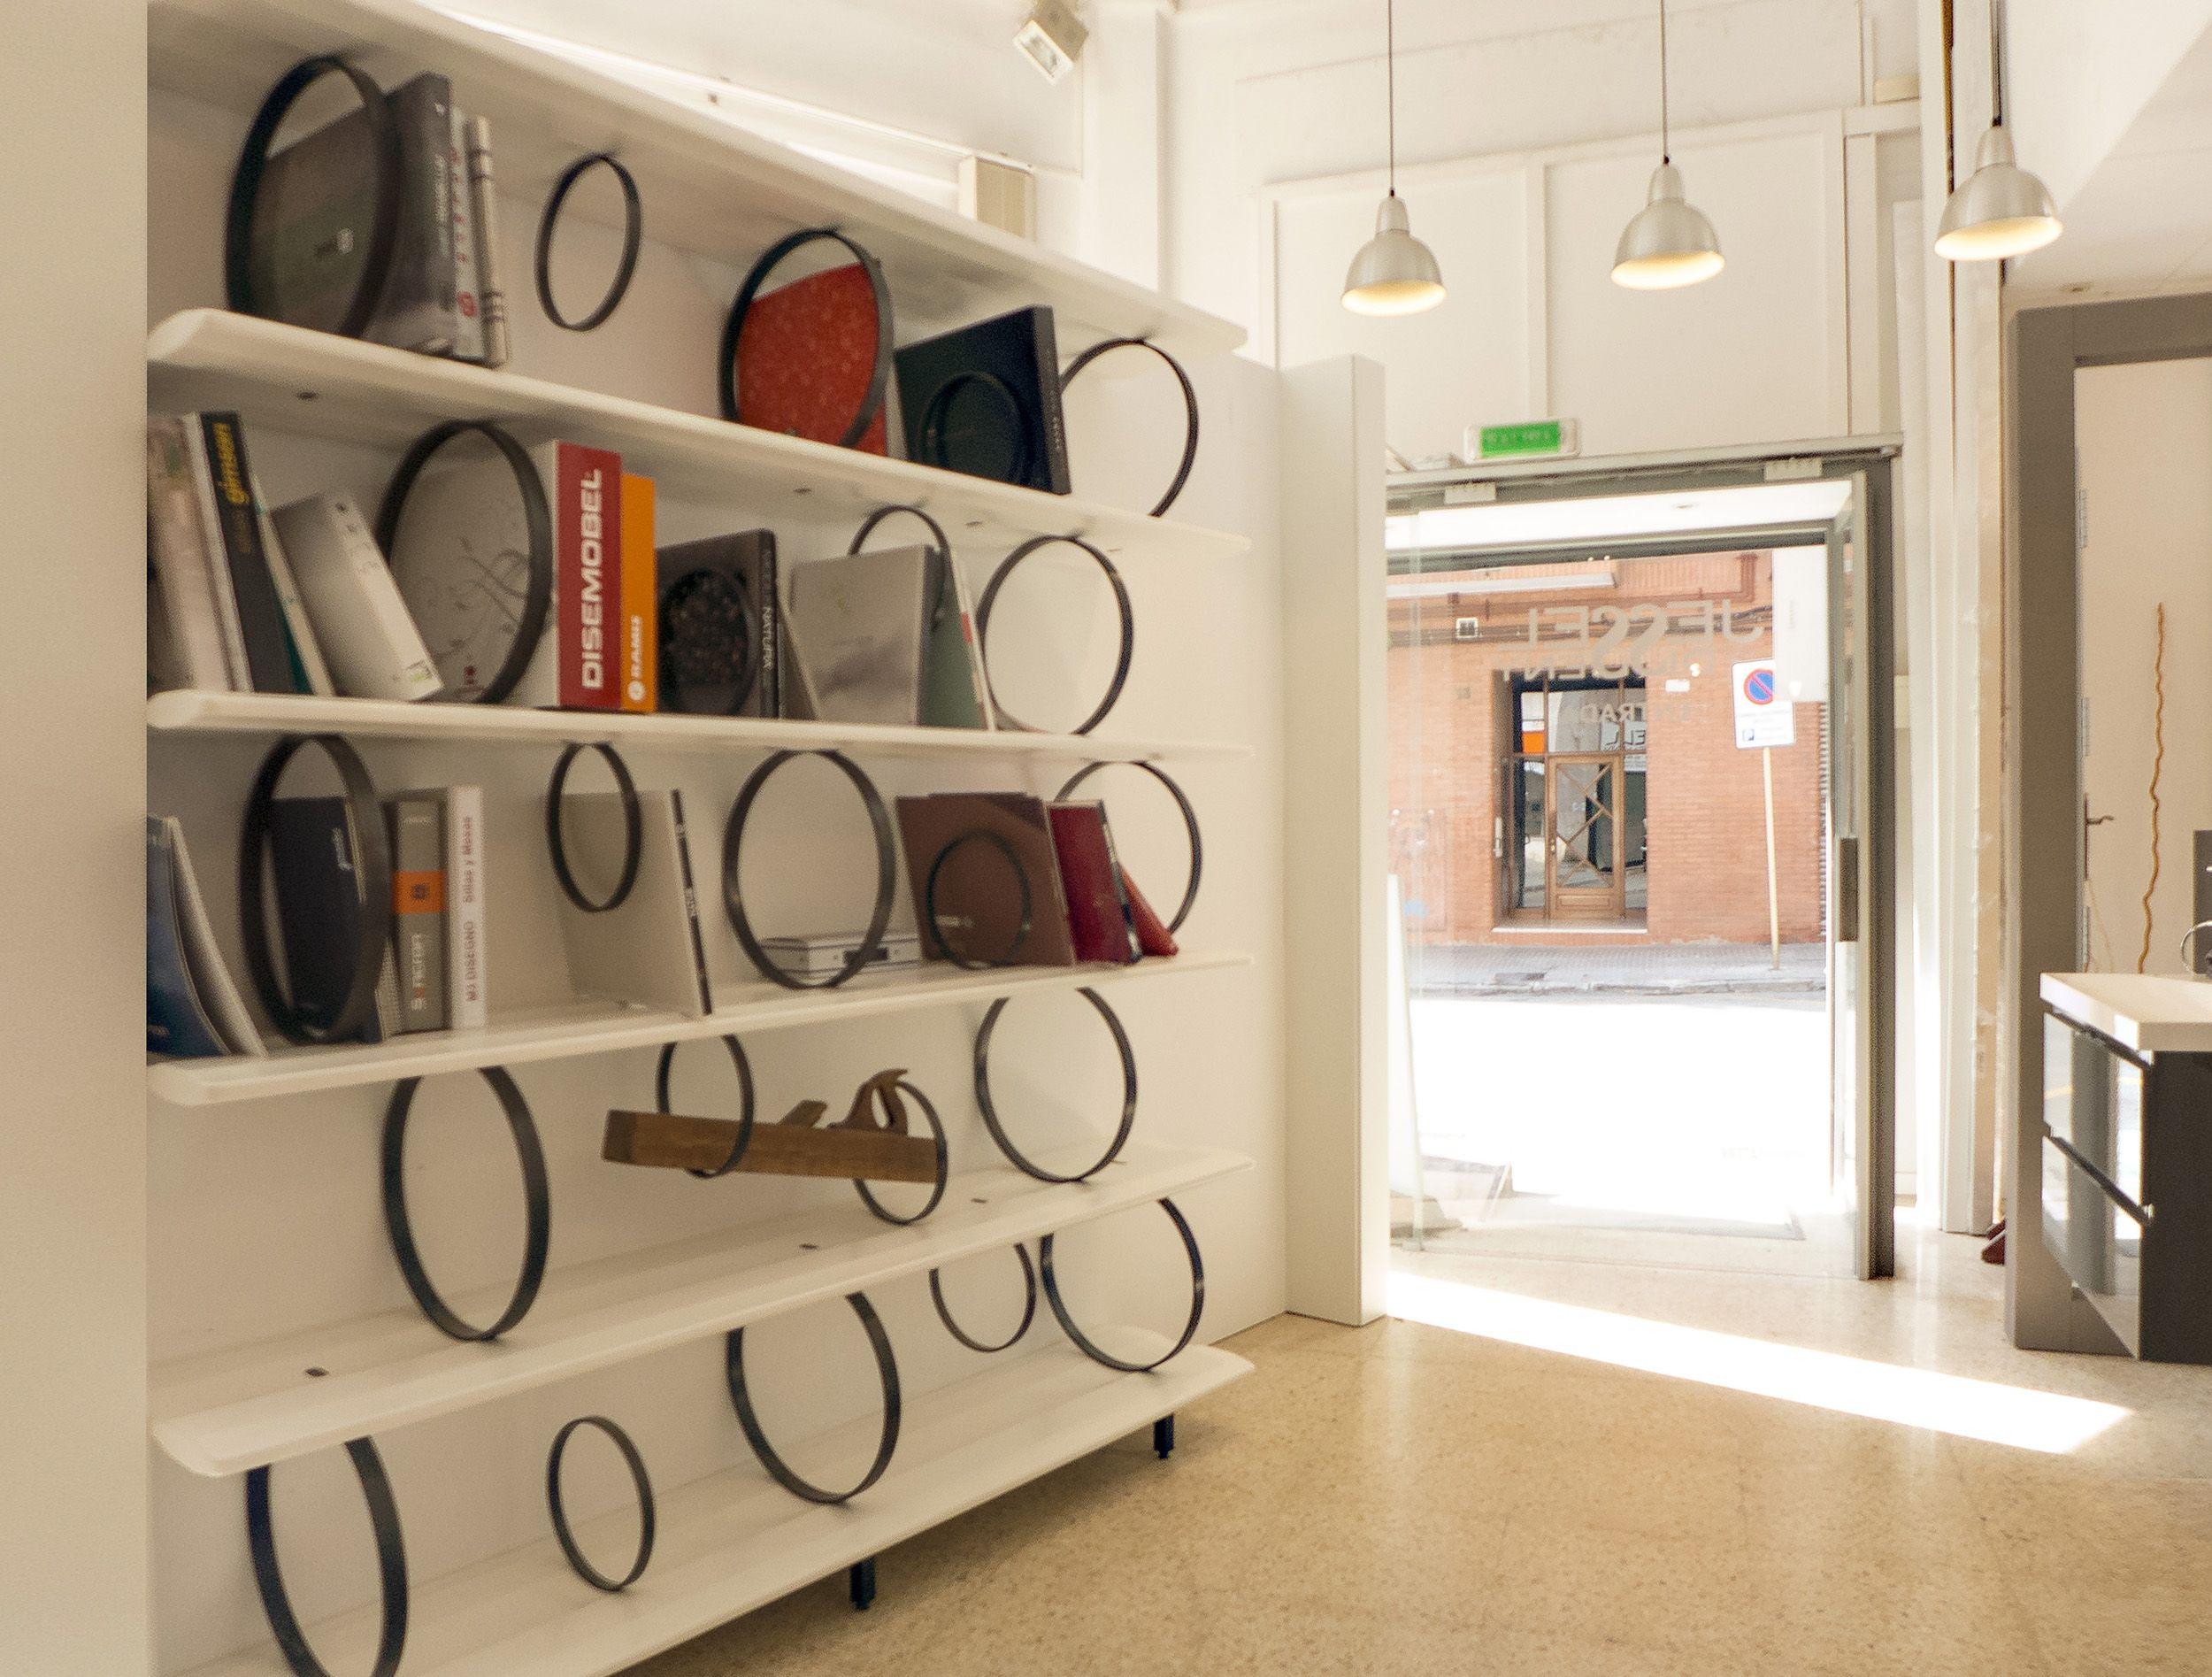 Muebles a medida en Sarriá Sant Gervasi, Barcelona para locales comerciales